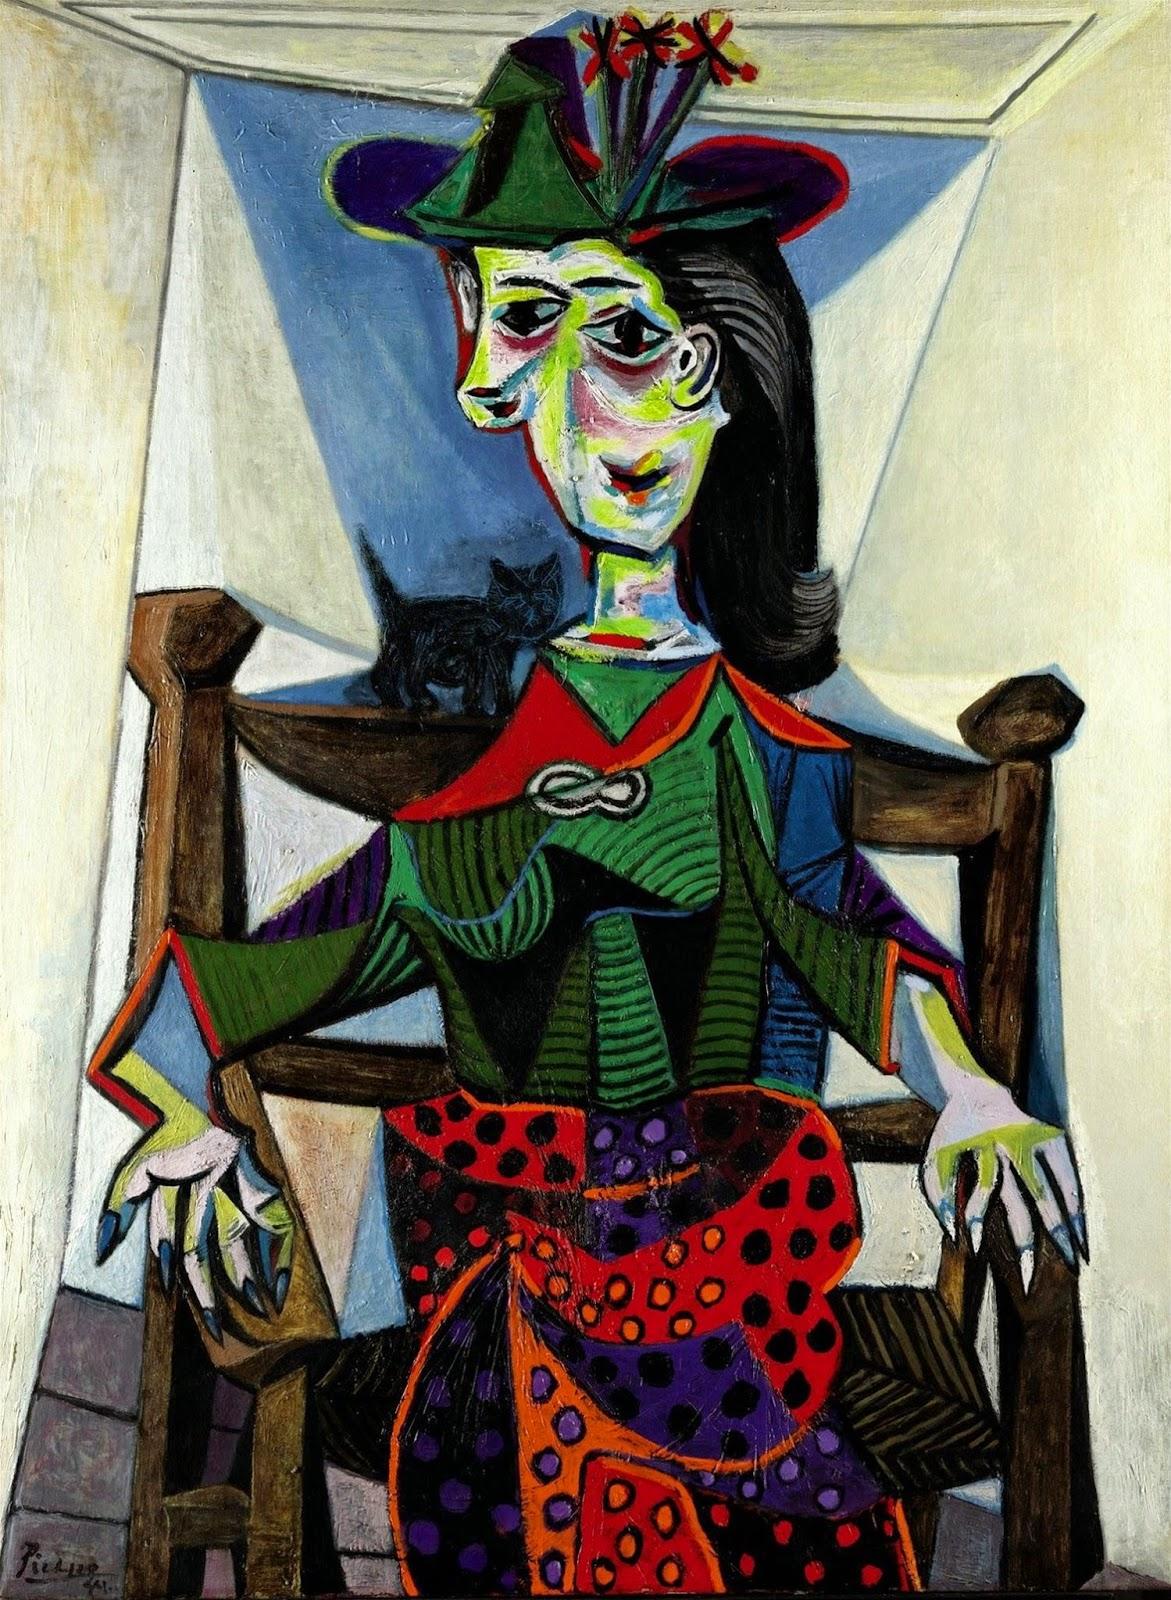 Dora Maar com Gato - Picasso e suas pinturas ~ O maior expoente da Arte Moderna